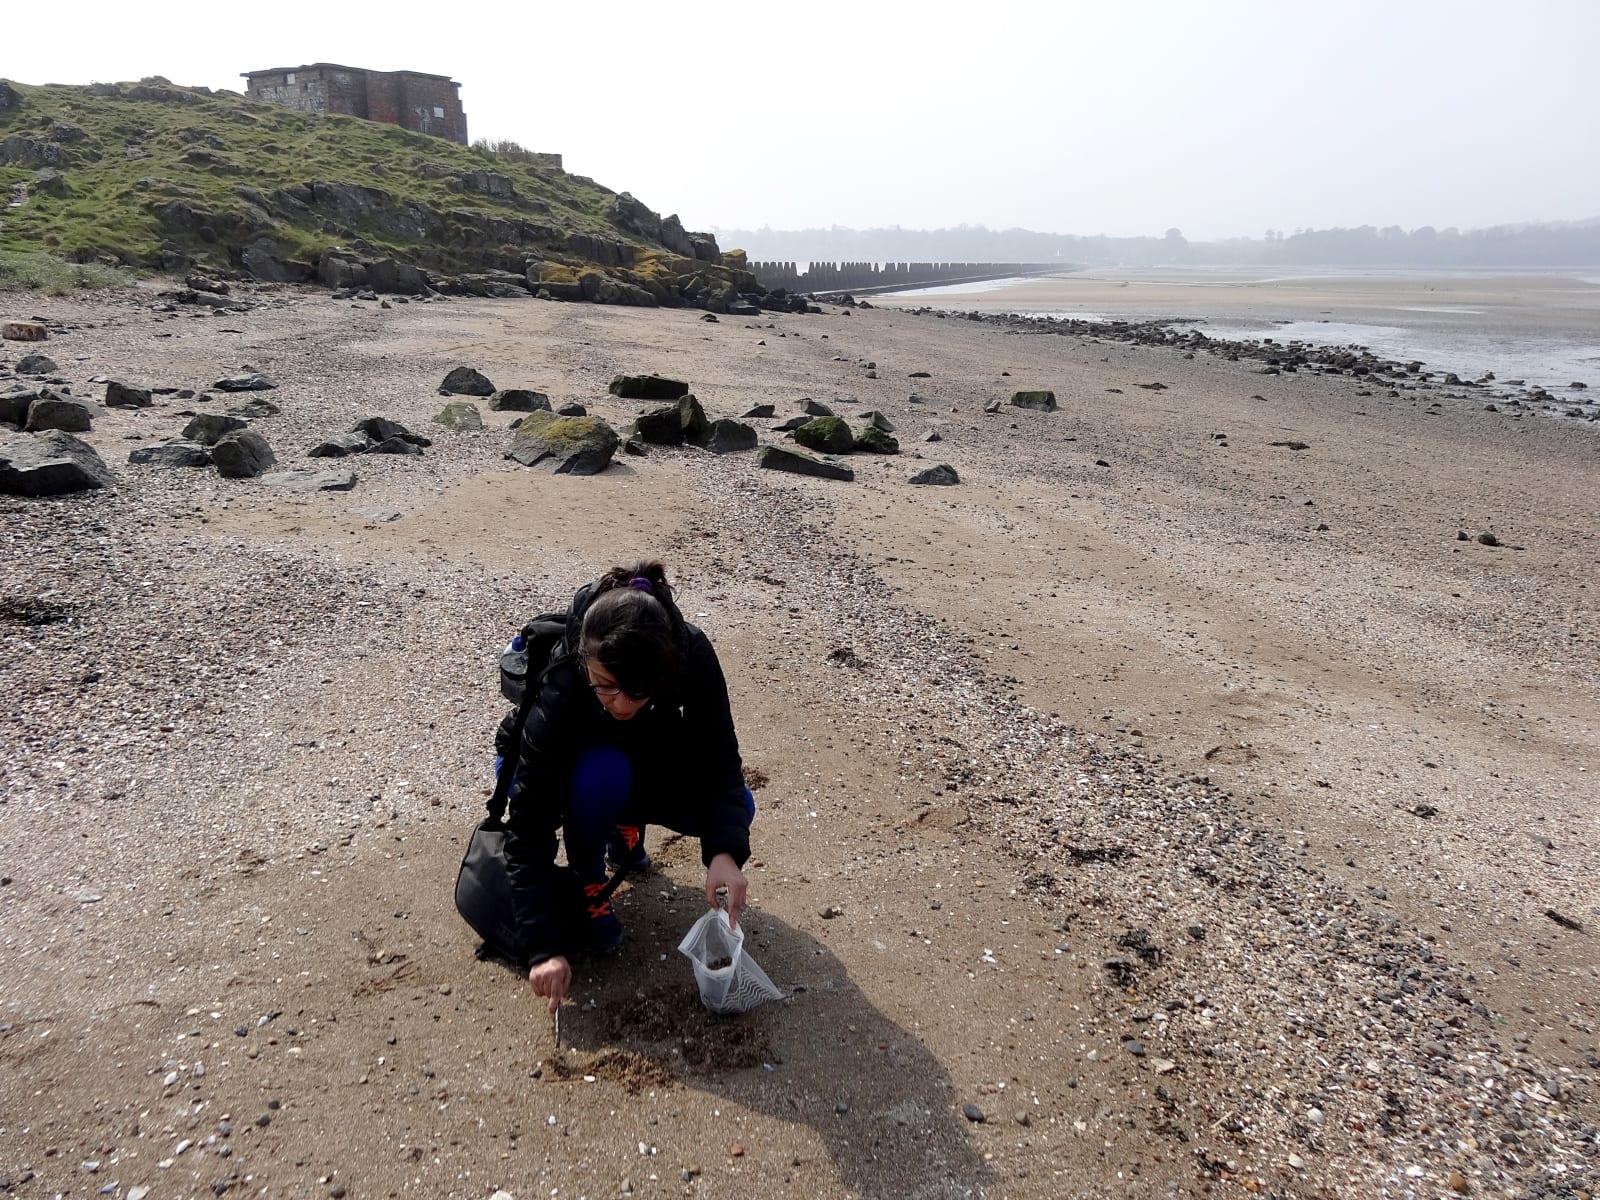 Sonia collecting environmental samples at Cramond Island